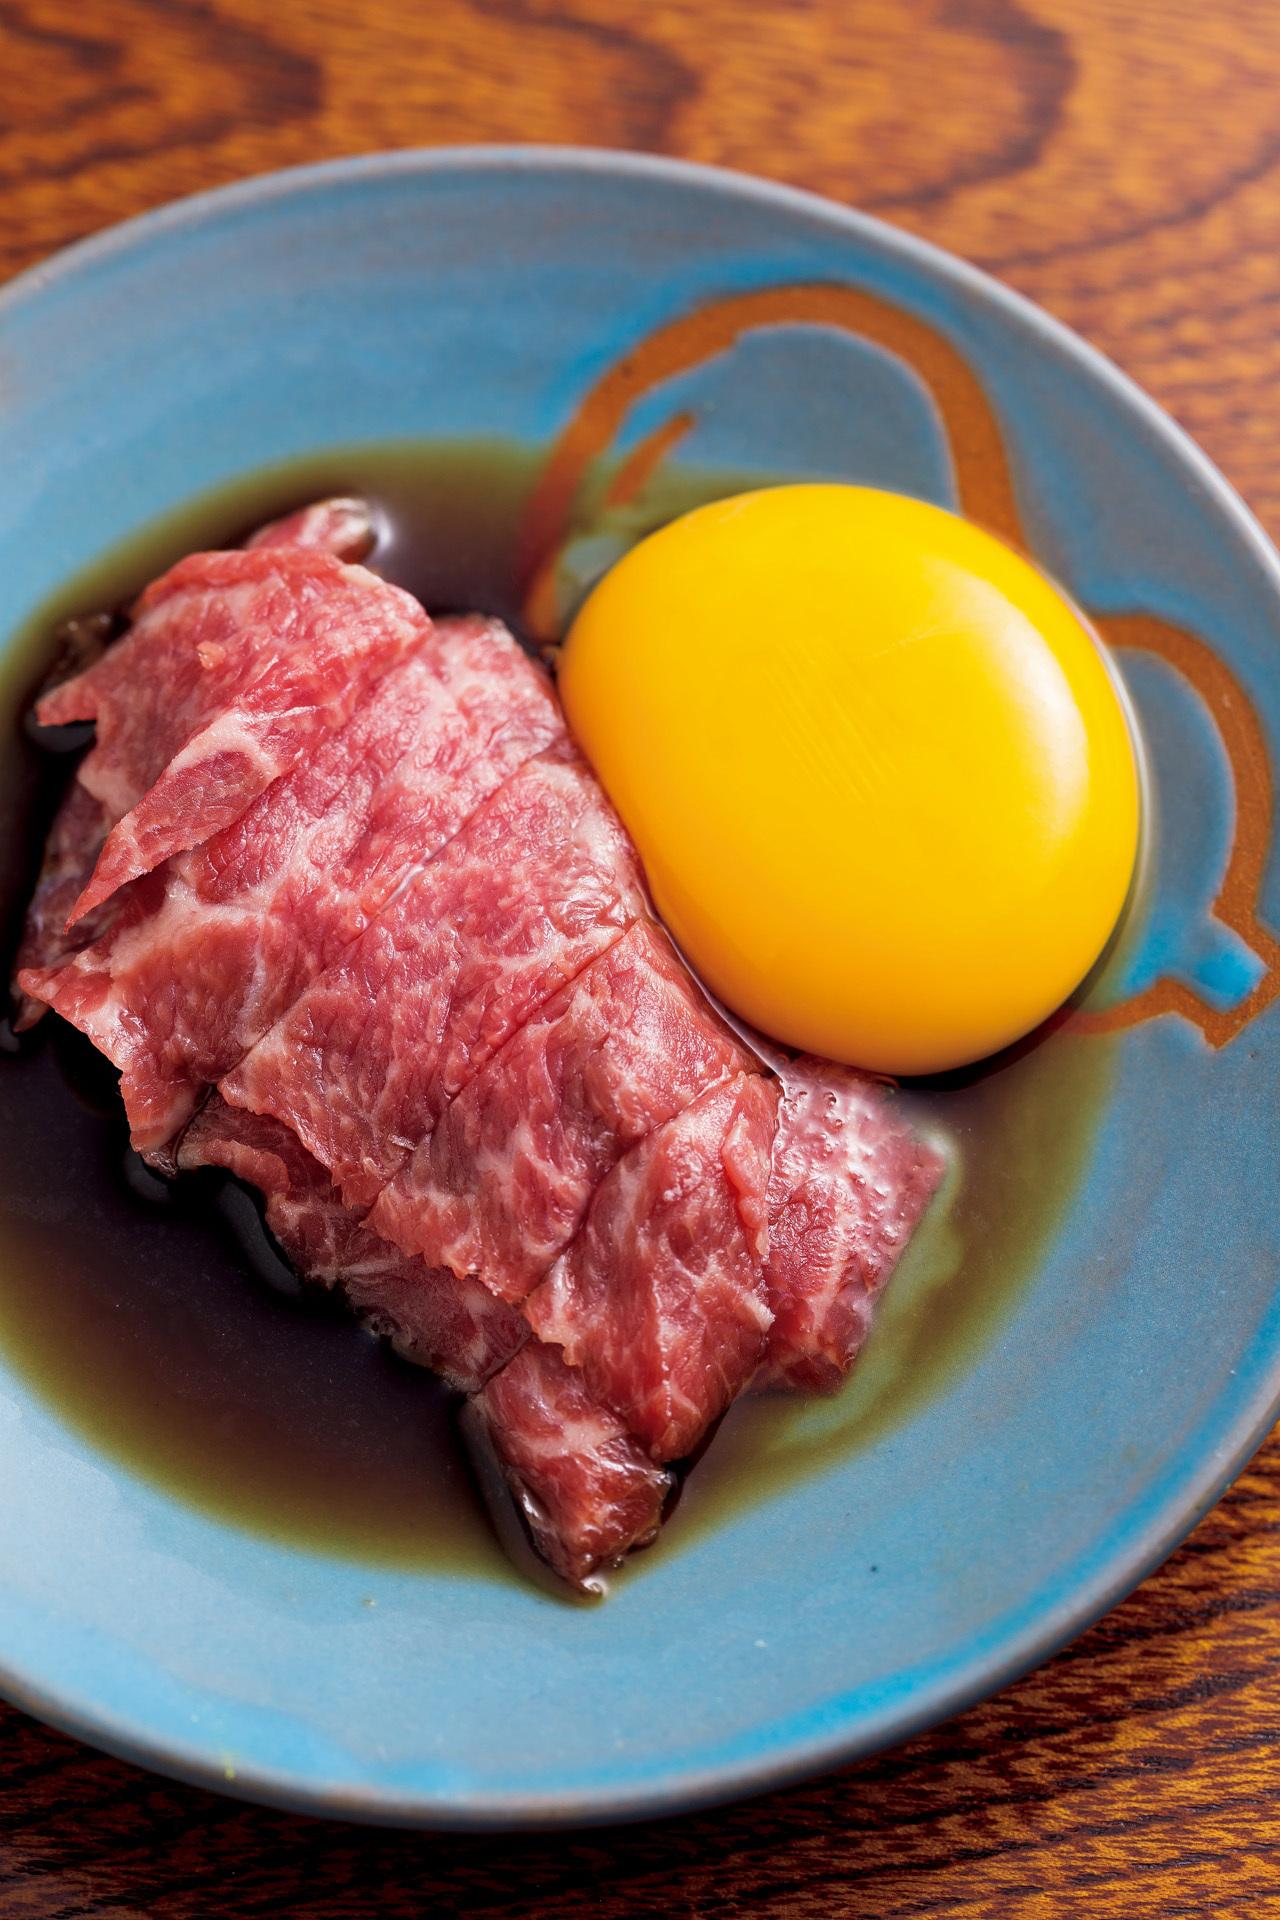 全国の肉好きが一目置く、絶対の鮮度とおいしさ 安参_1_1